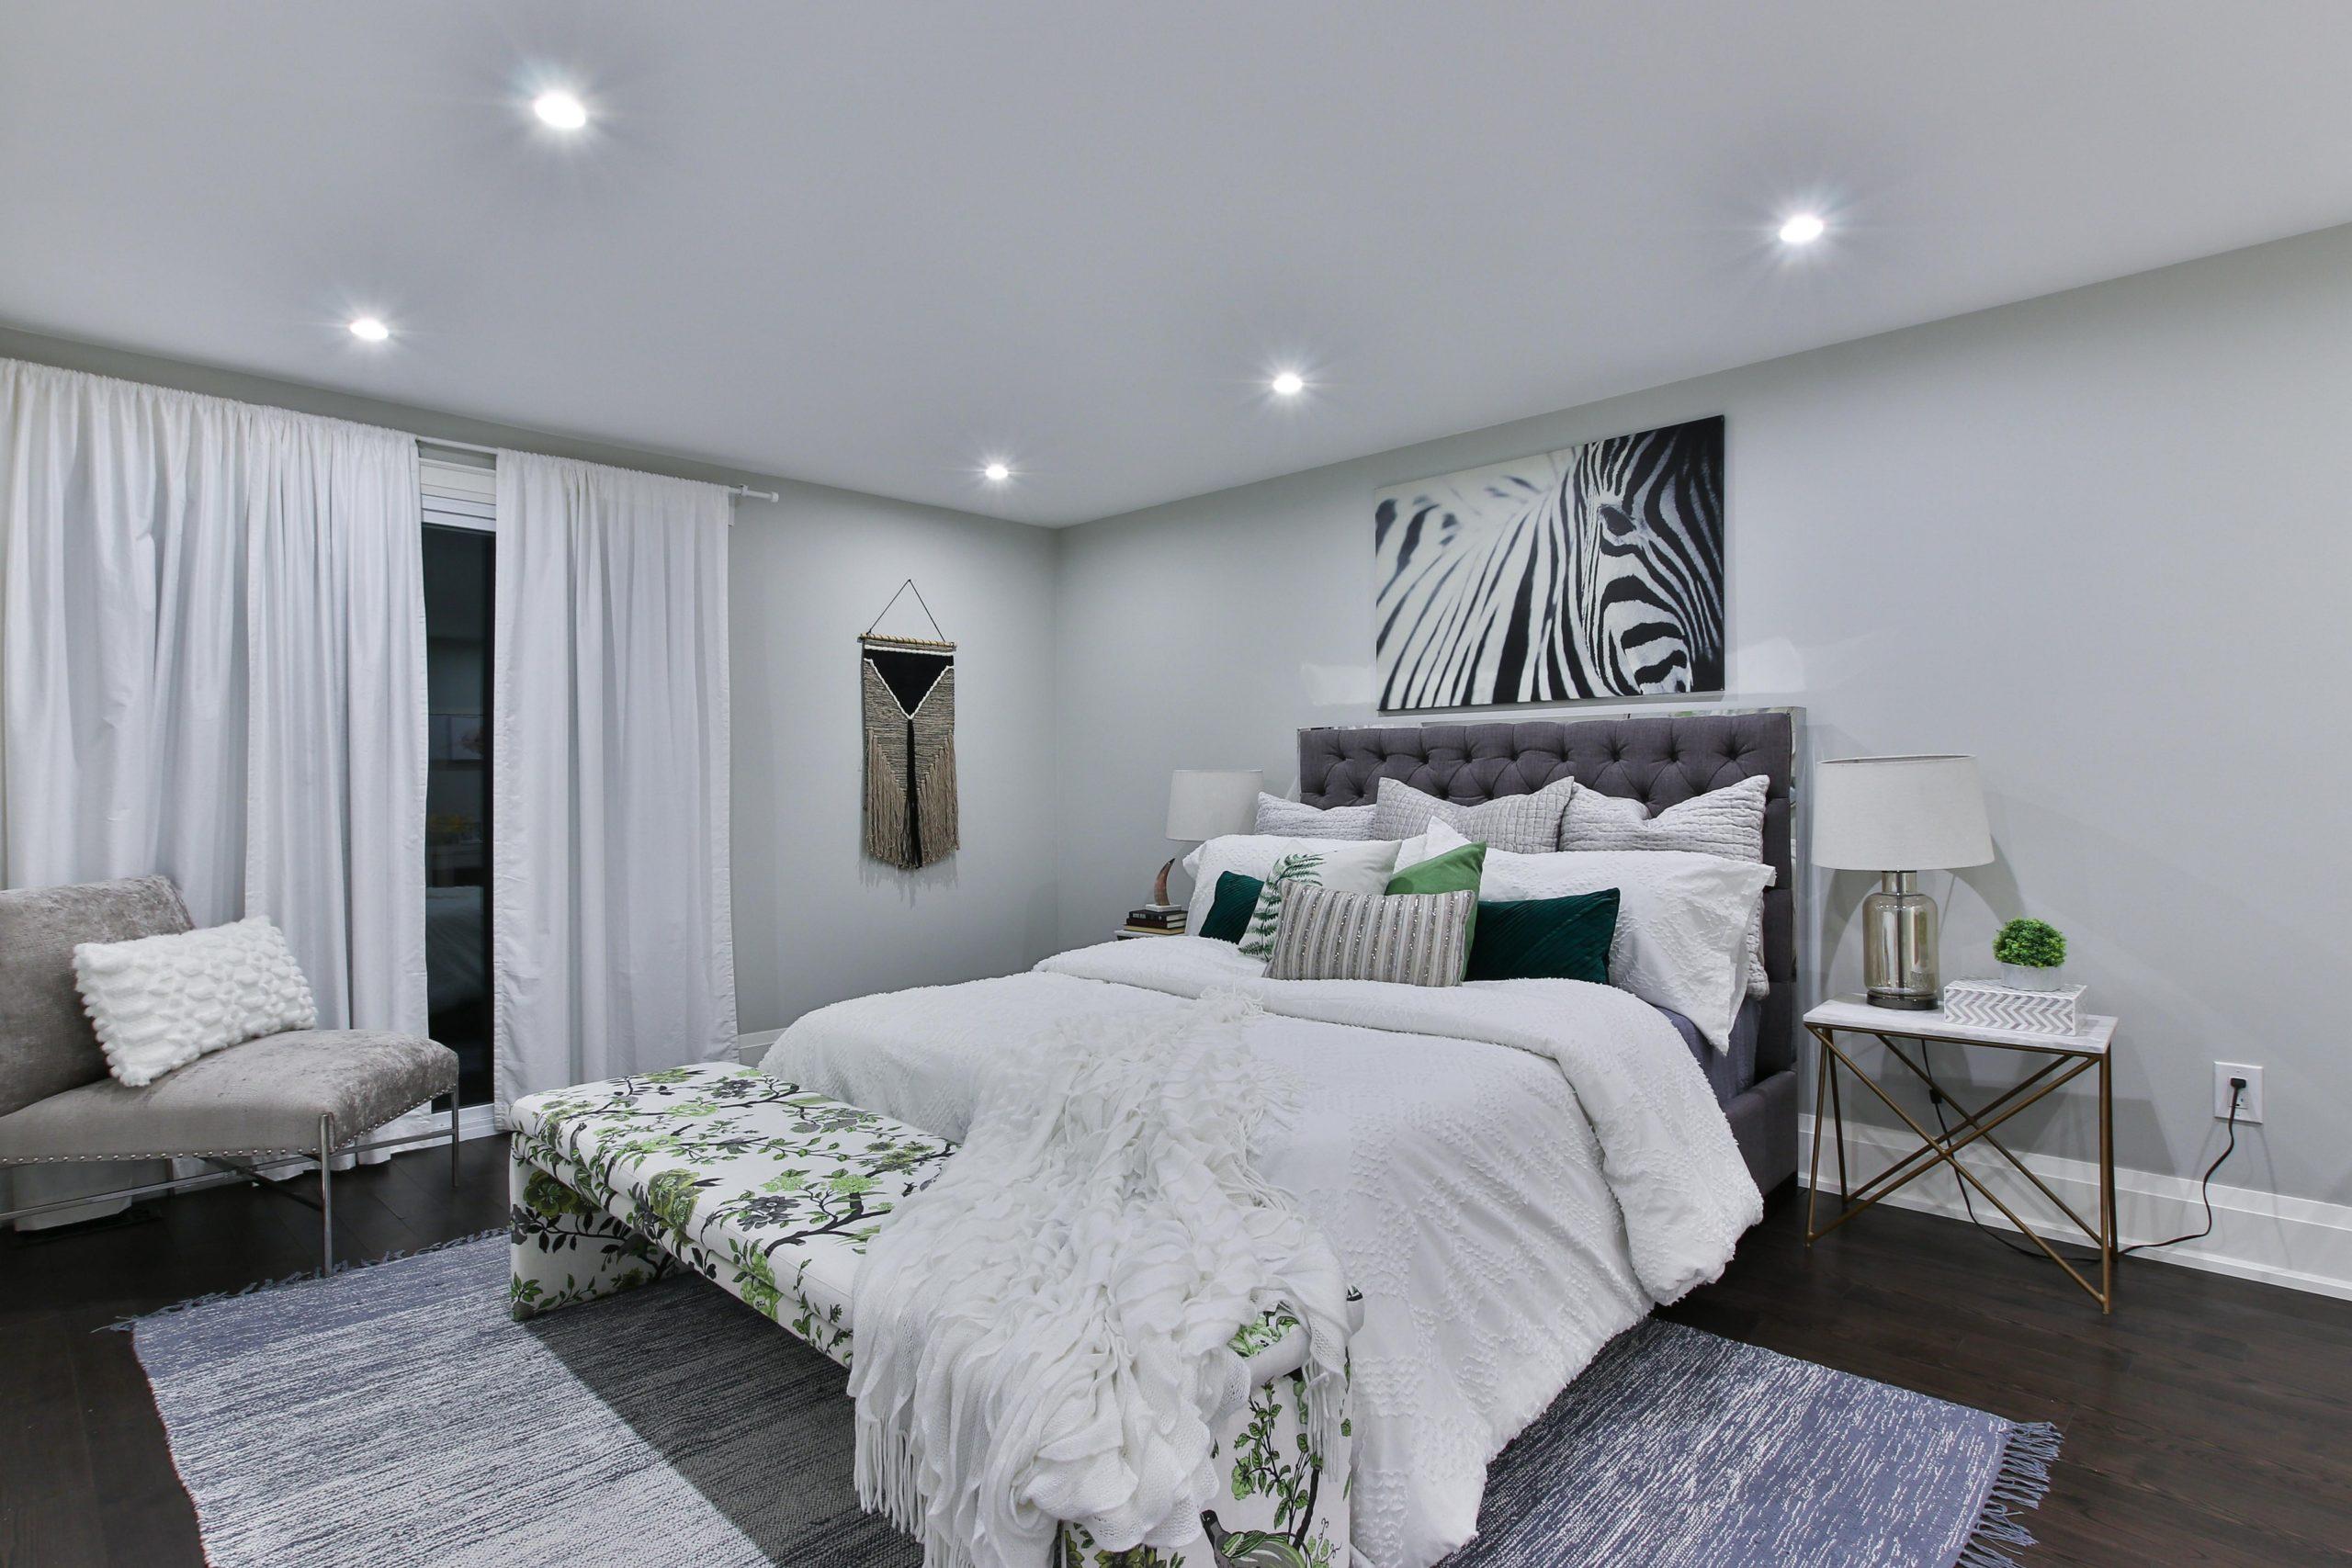 bedroom furniture images download